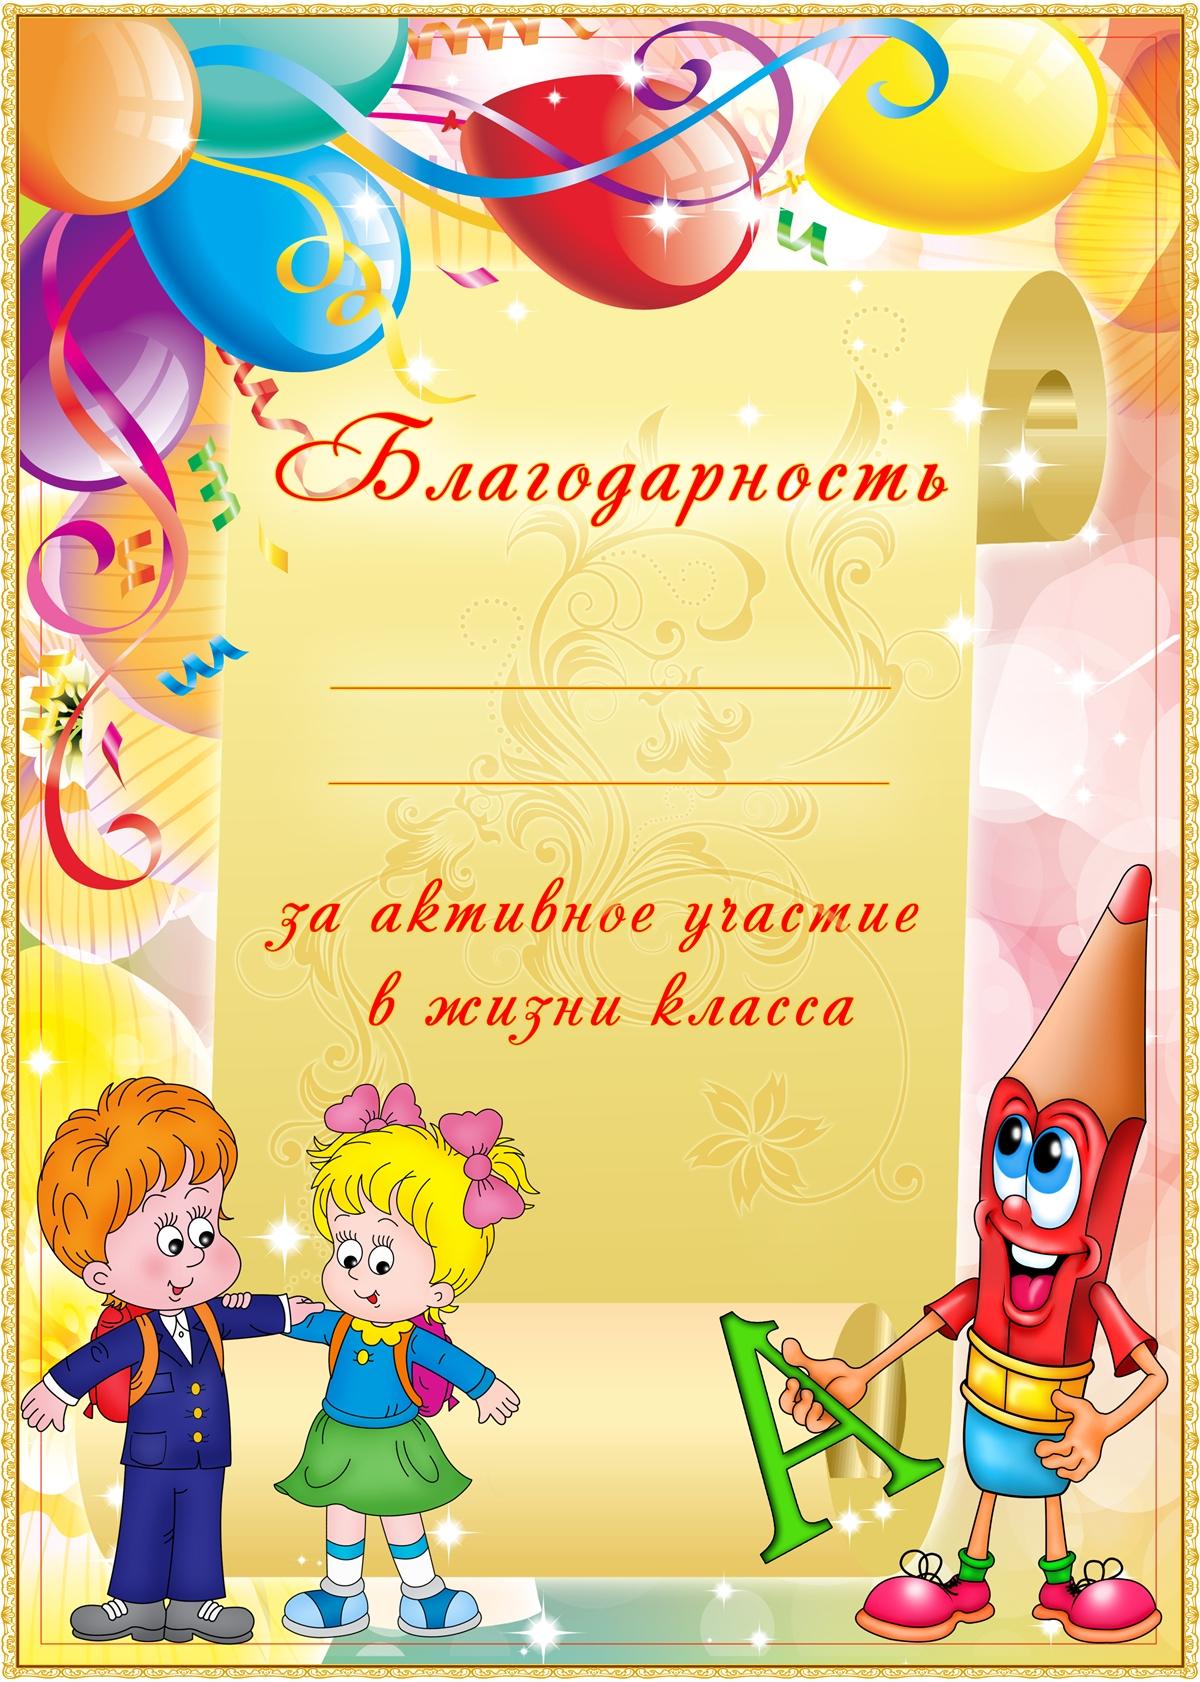 Образец Благодарности Родителям в Детском Саду